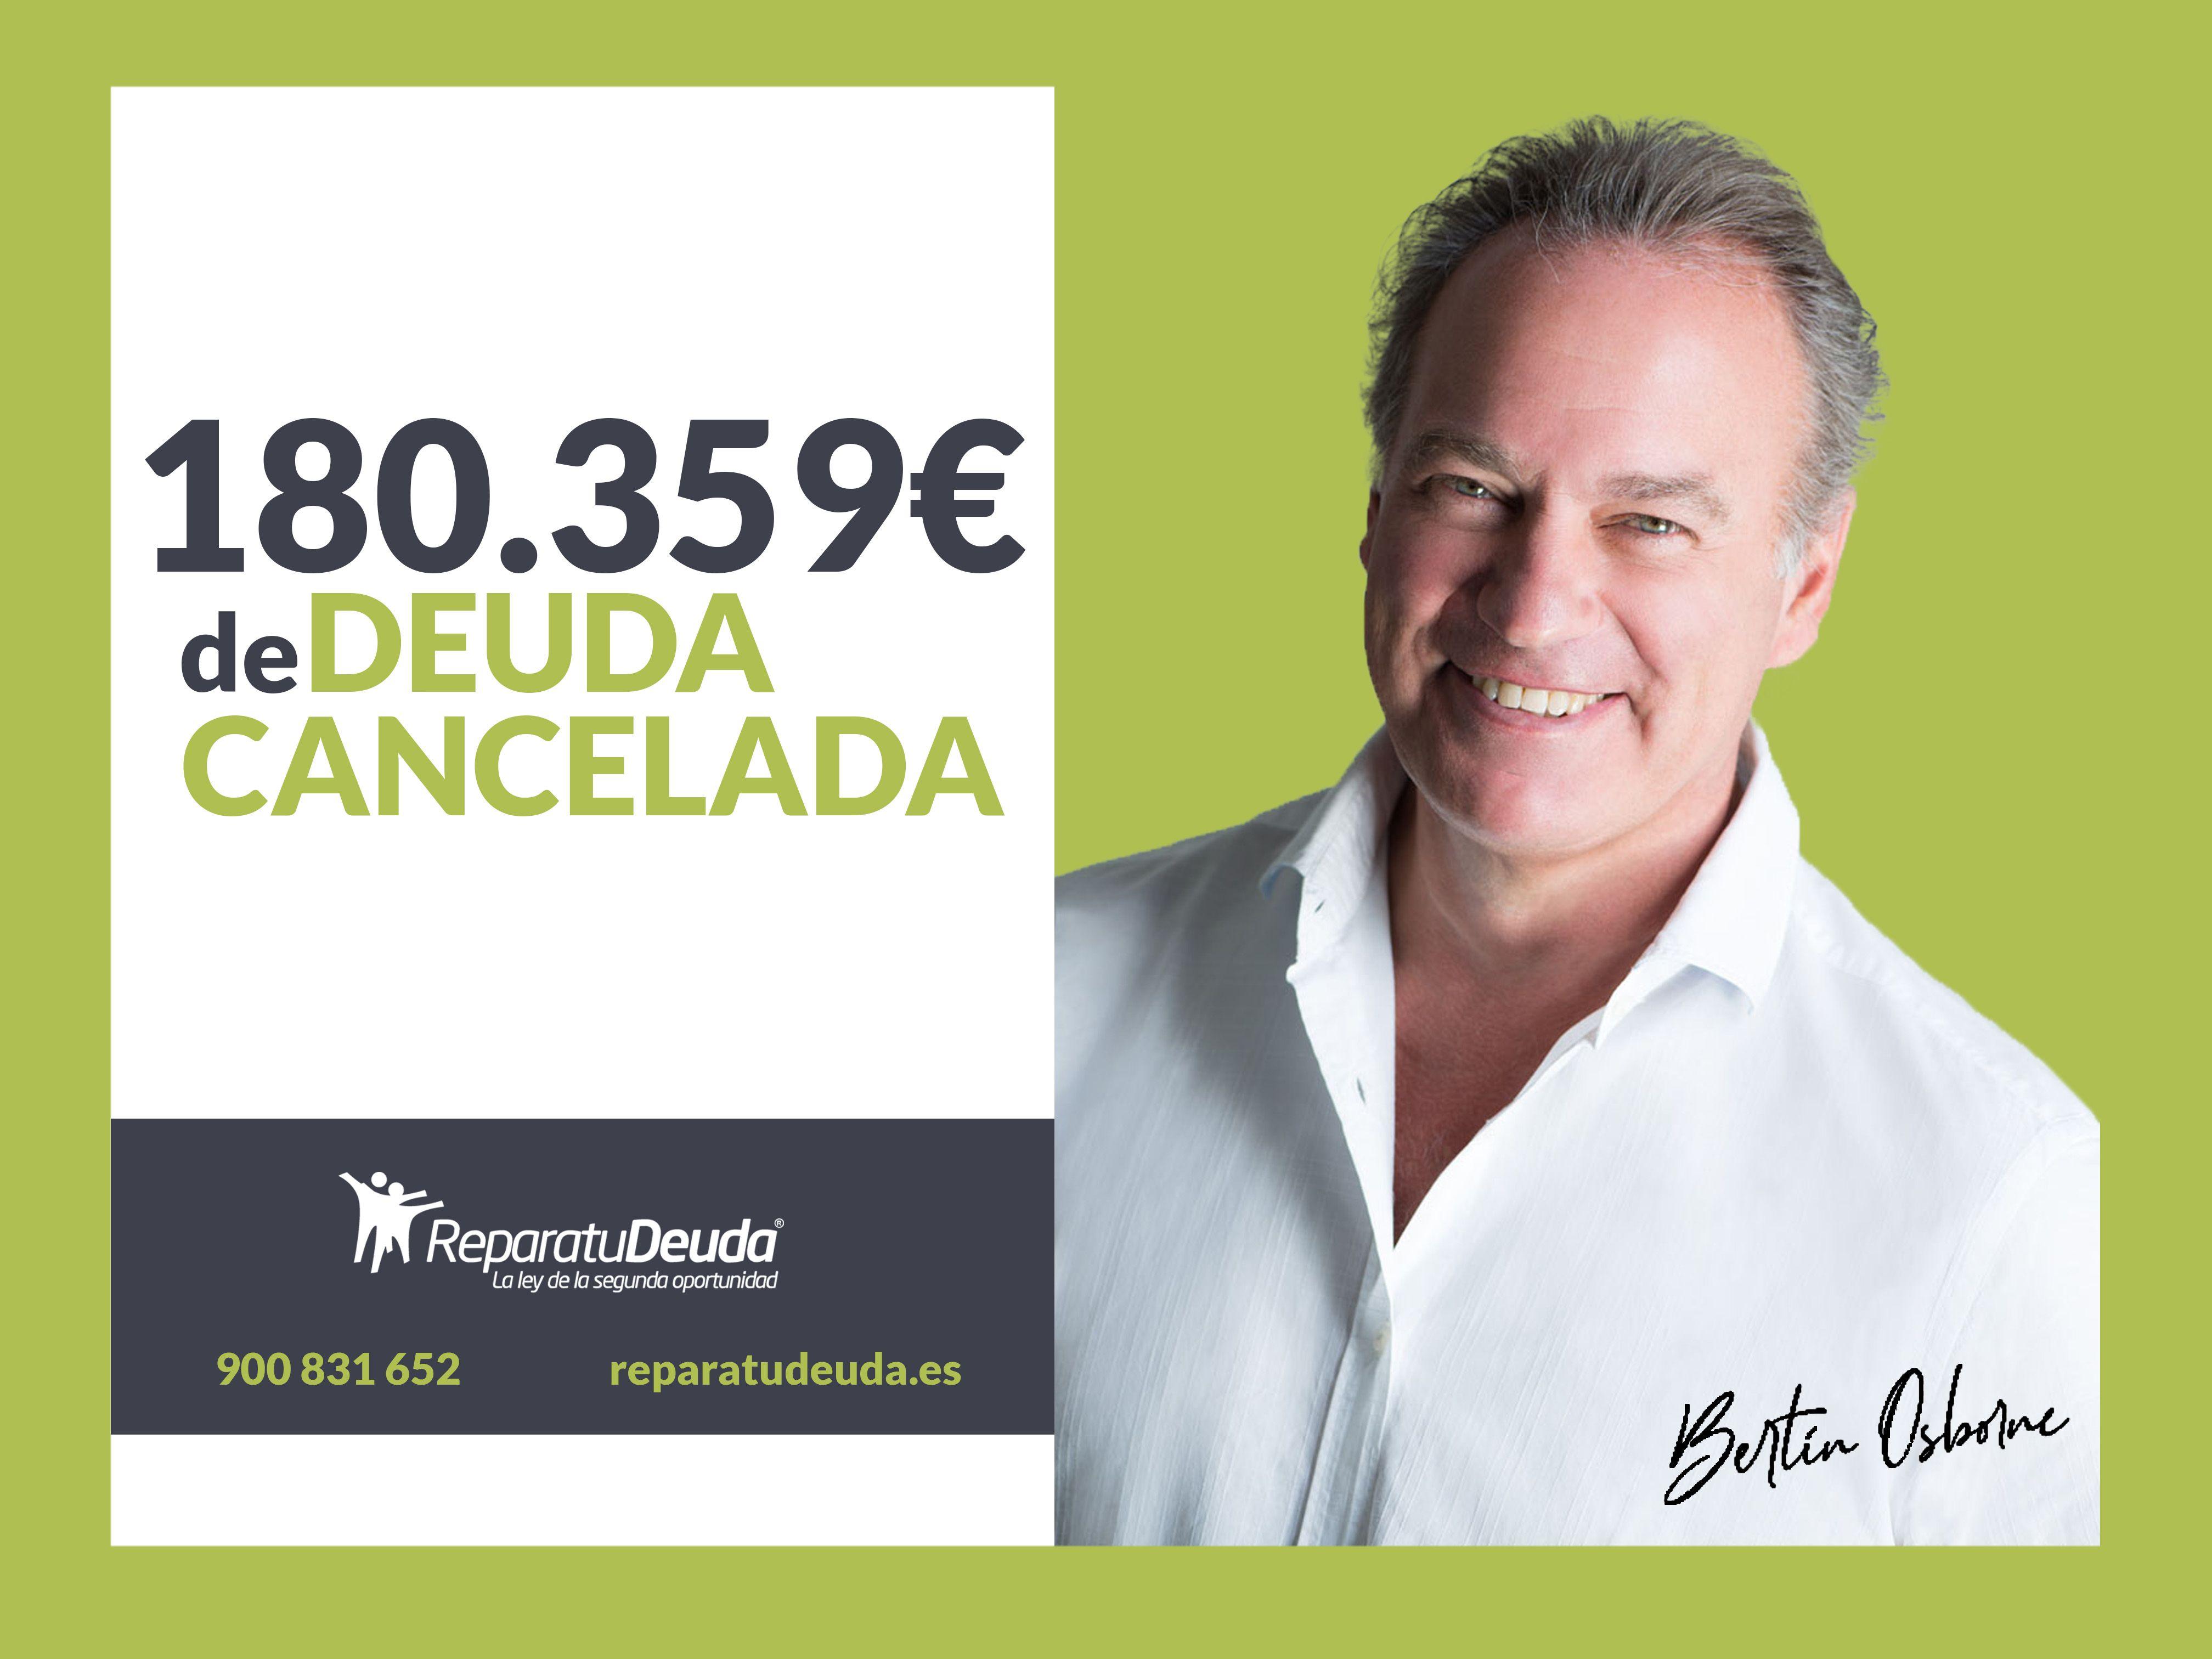 Repara tu deuda Abogados cancela 180.359 ? en Lleida, Catalunya, mediante la Ley de Segunda Oportunidad